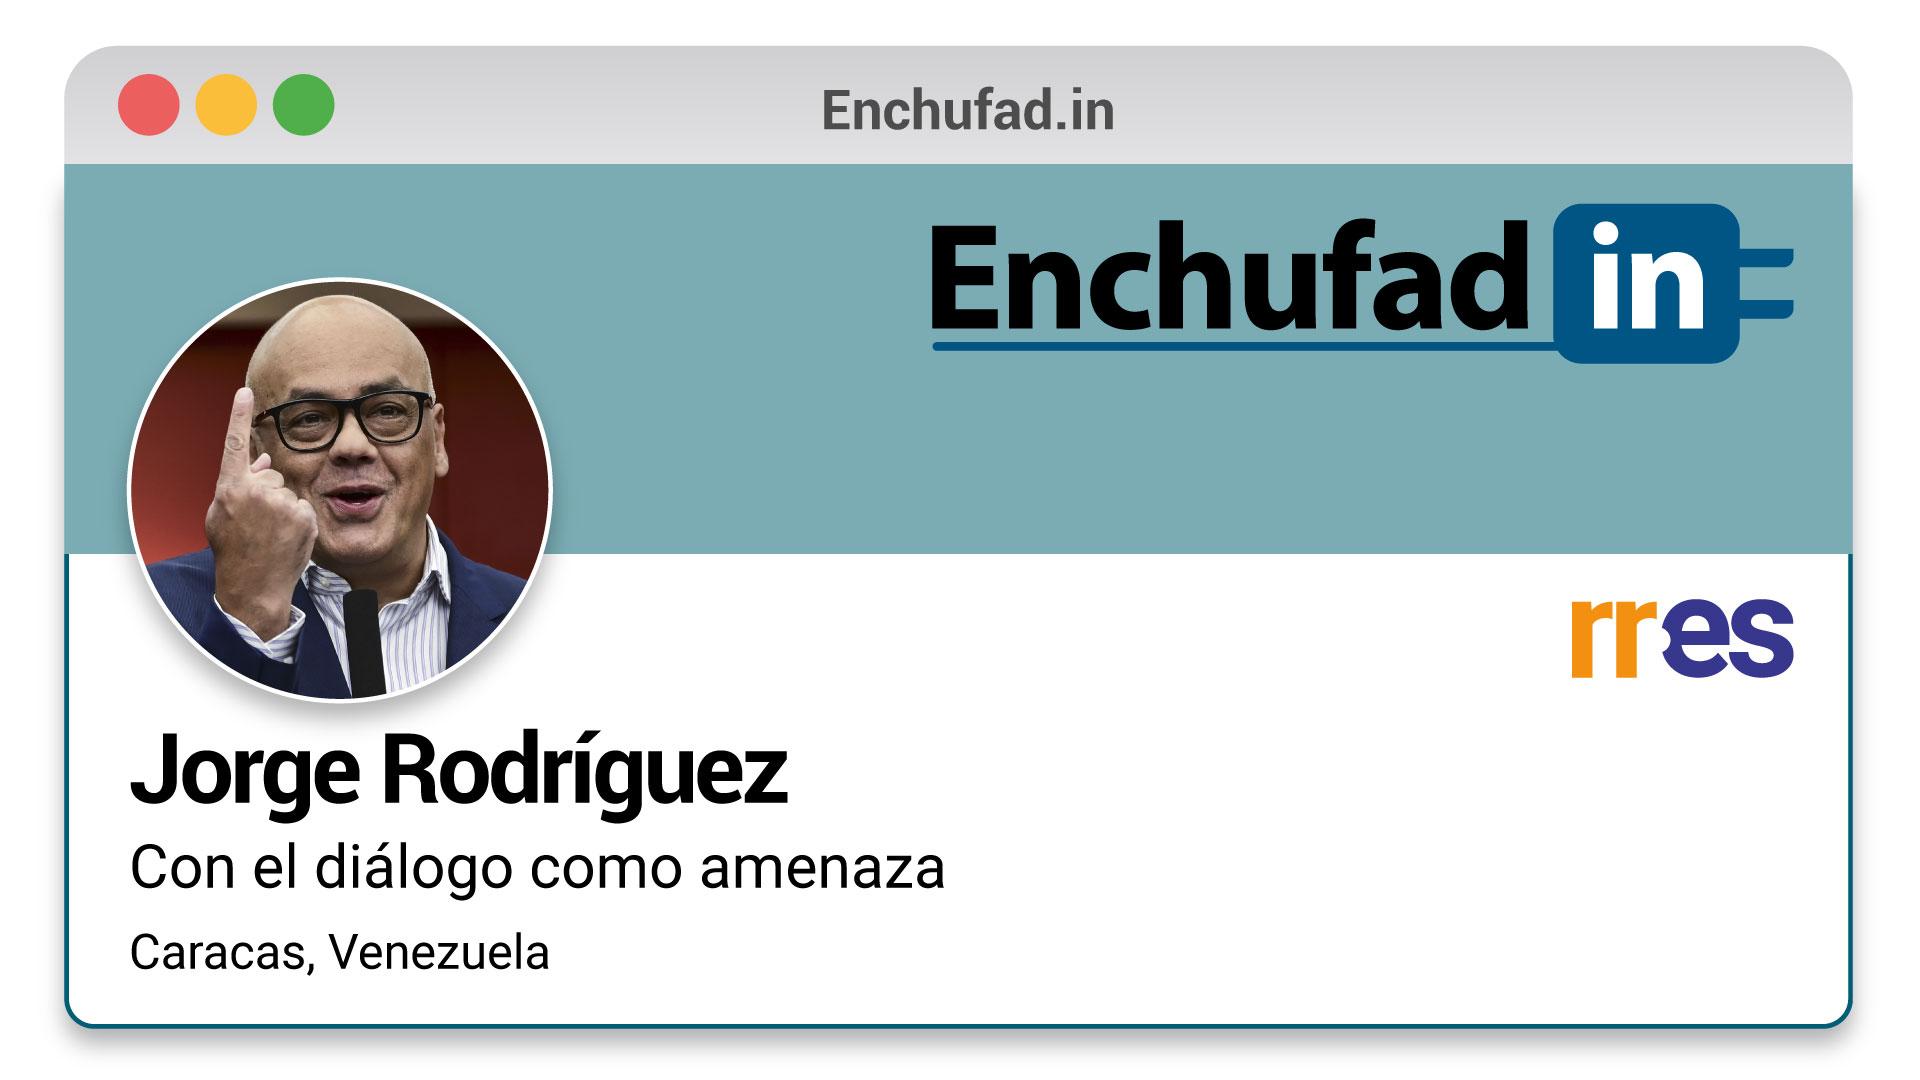 #EnchufaDÍN | Felicita a Jorge Rodríguez por su nuevo cargo